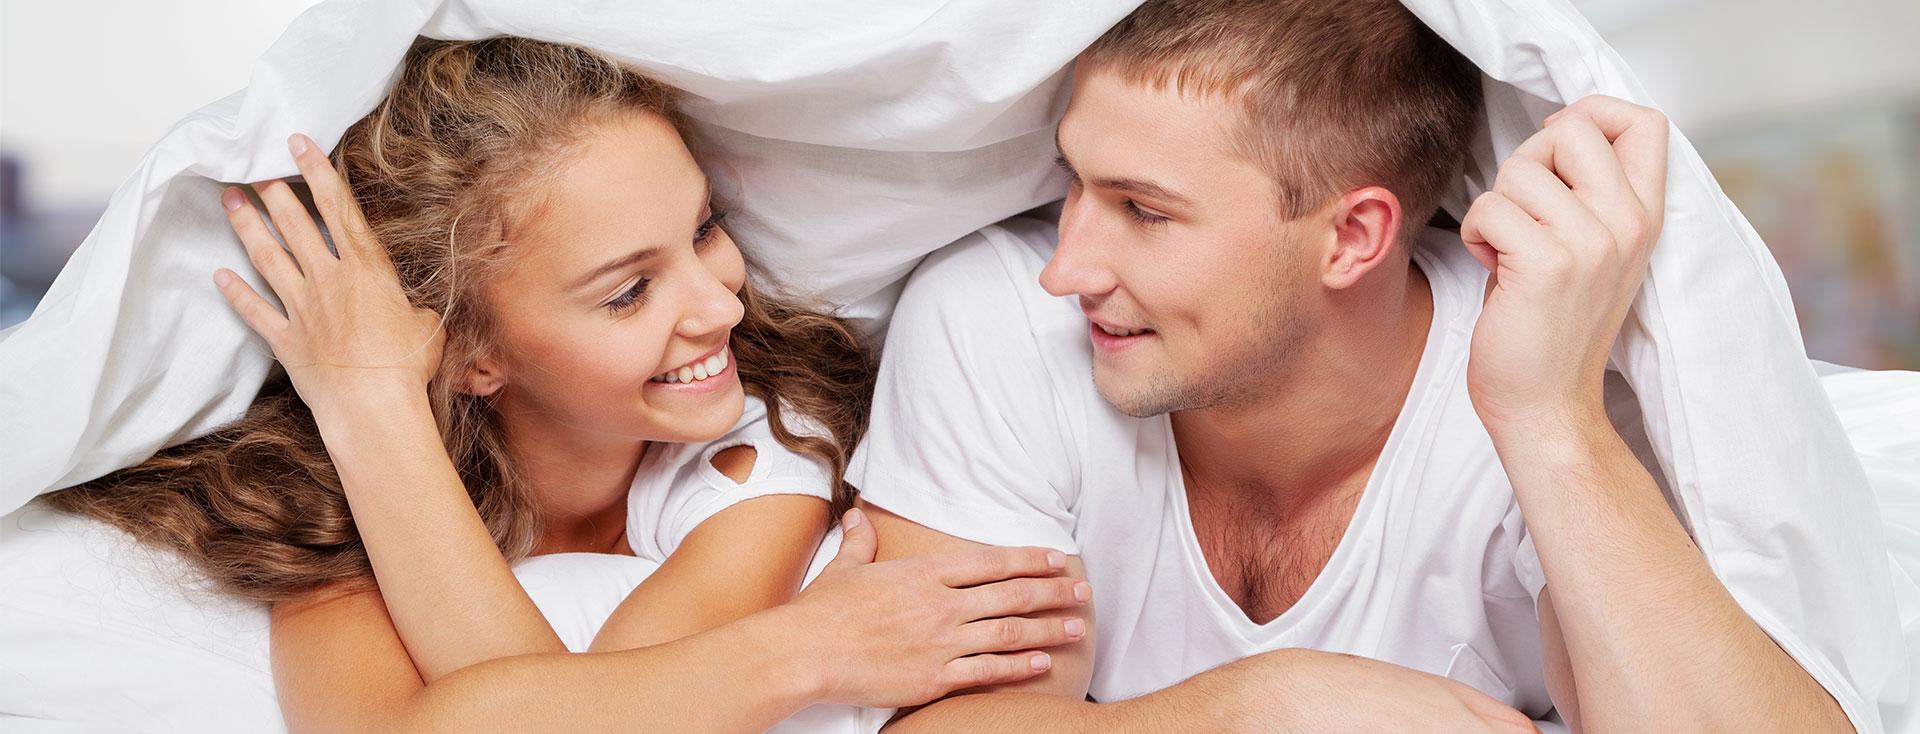 Juguetes sexuales by Lovense controlados de forma remota, permiten personalizar tus niveles de vibración.